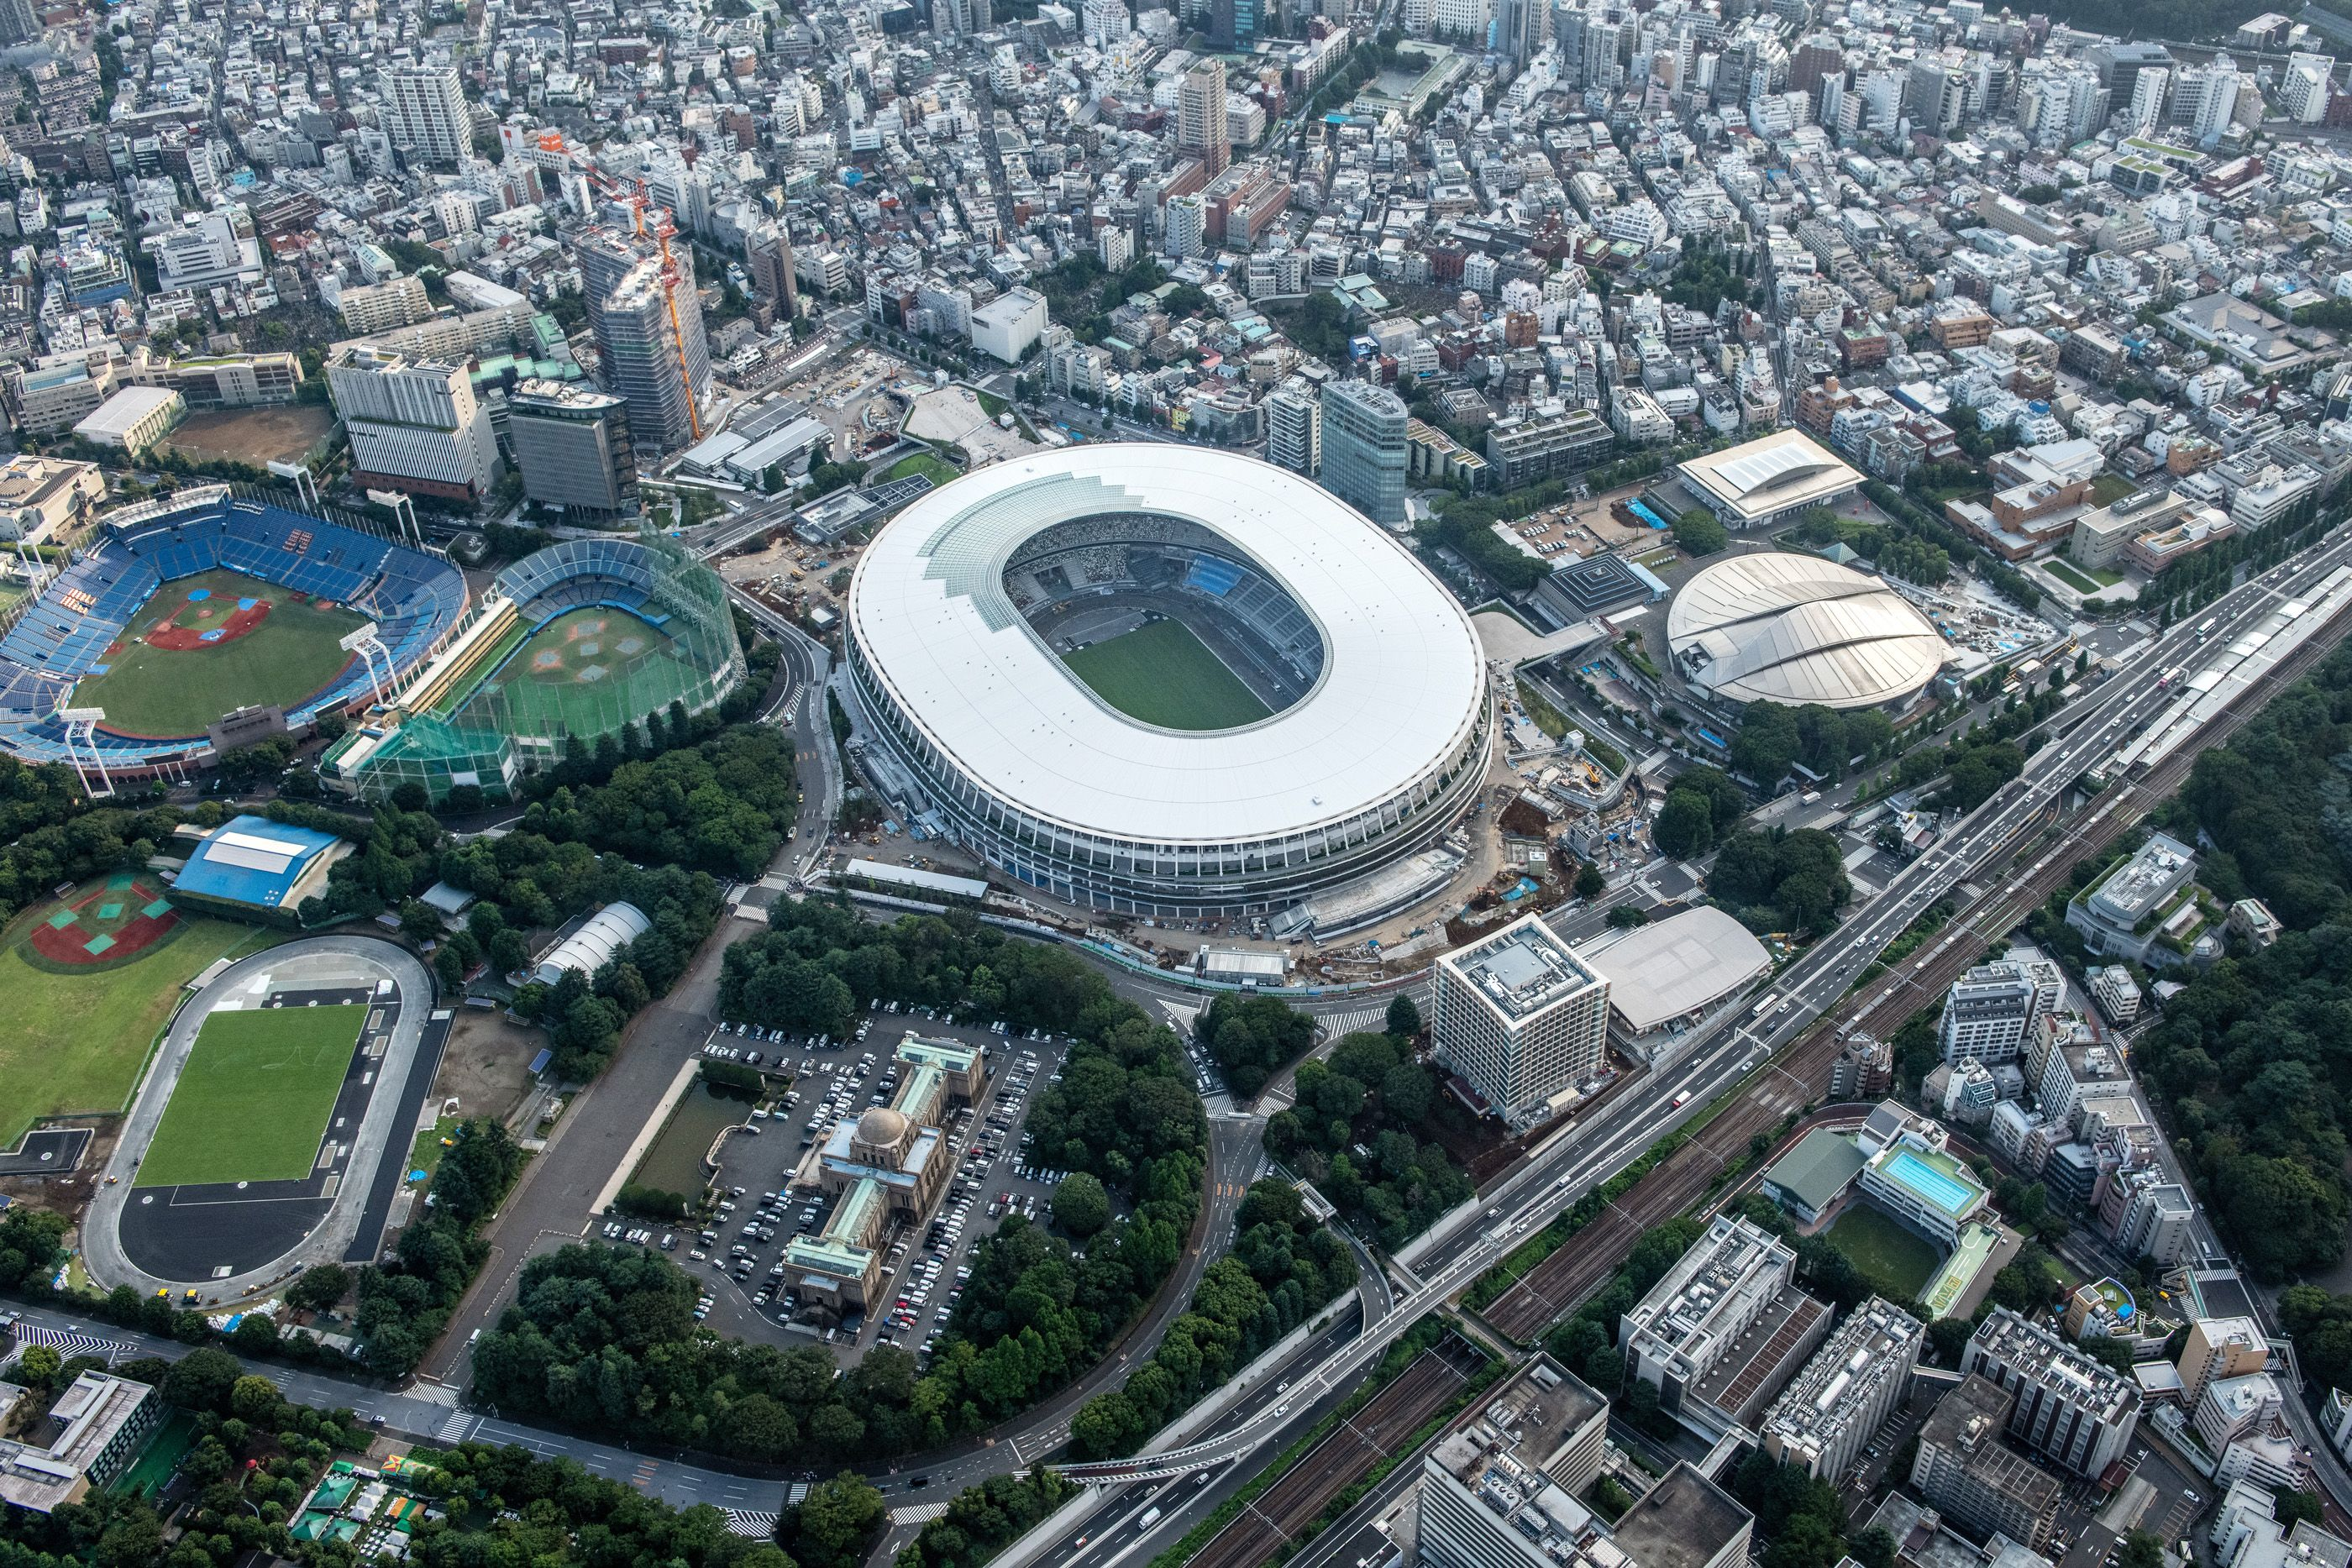 ملعب طوكيو يلفت الأنظار في أولمبياد 2020